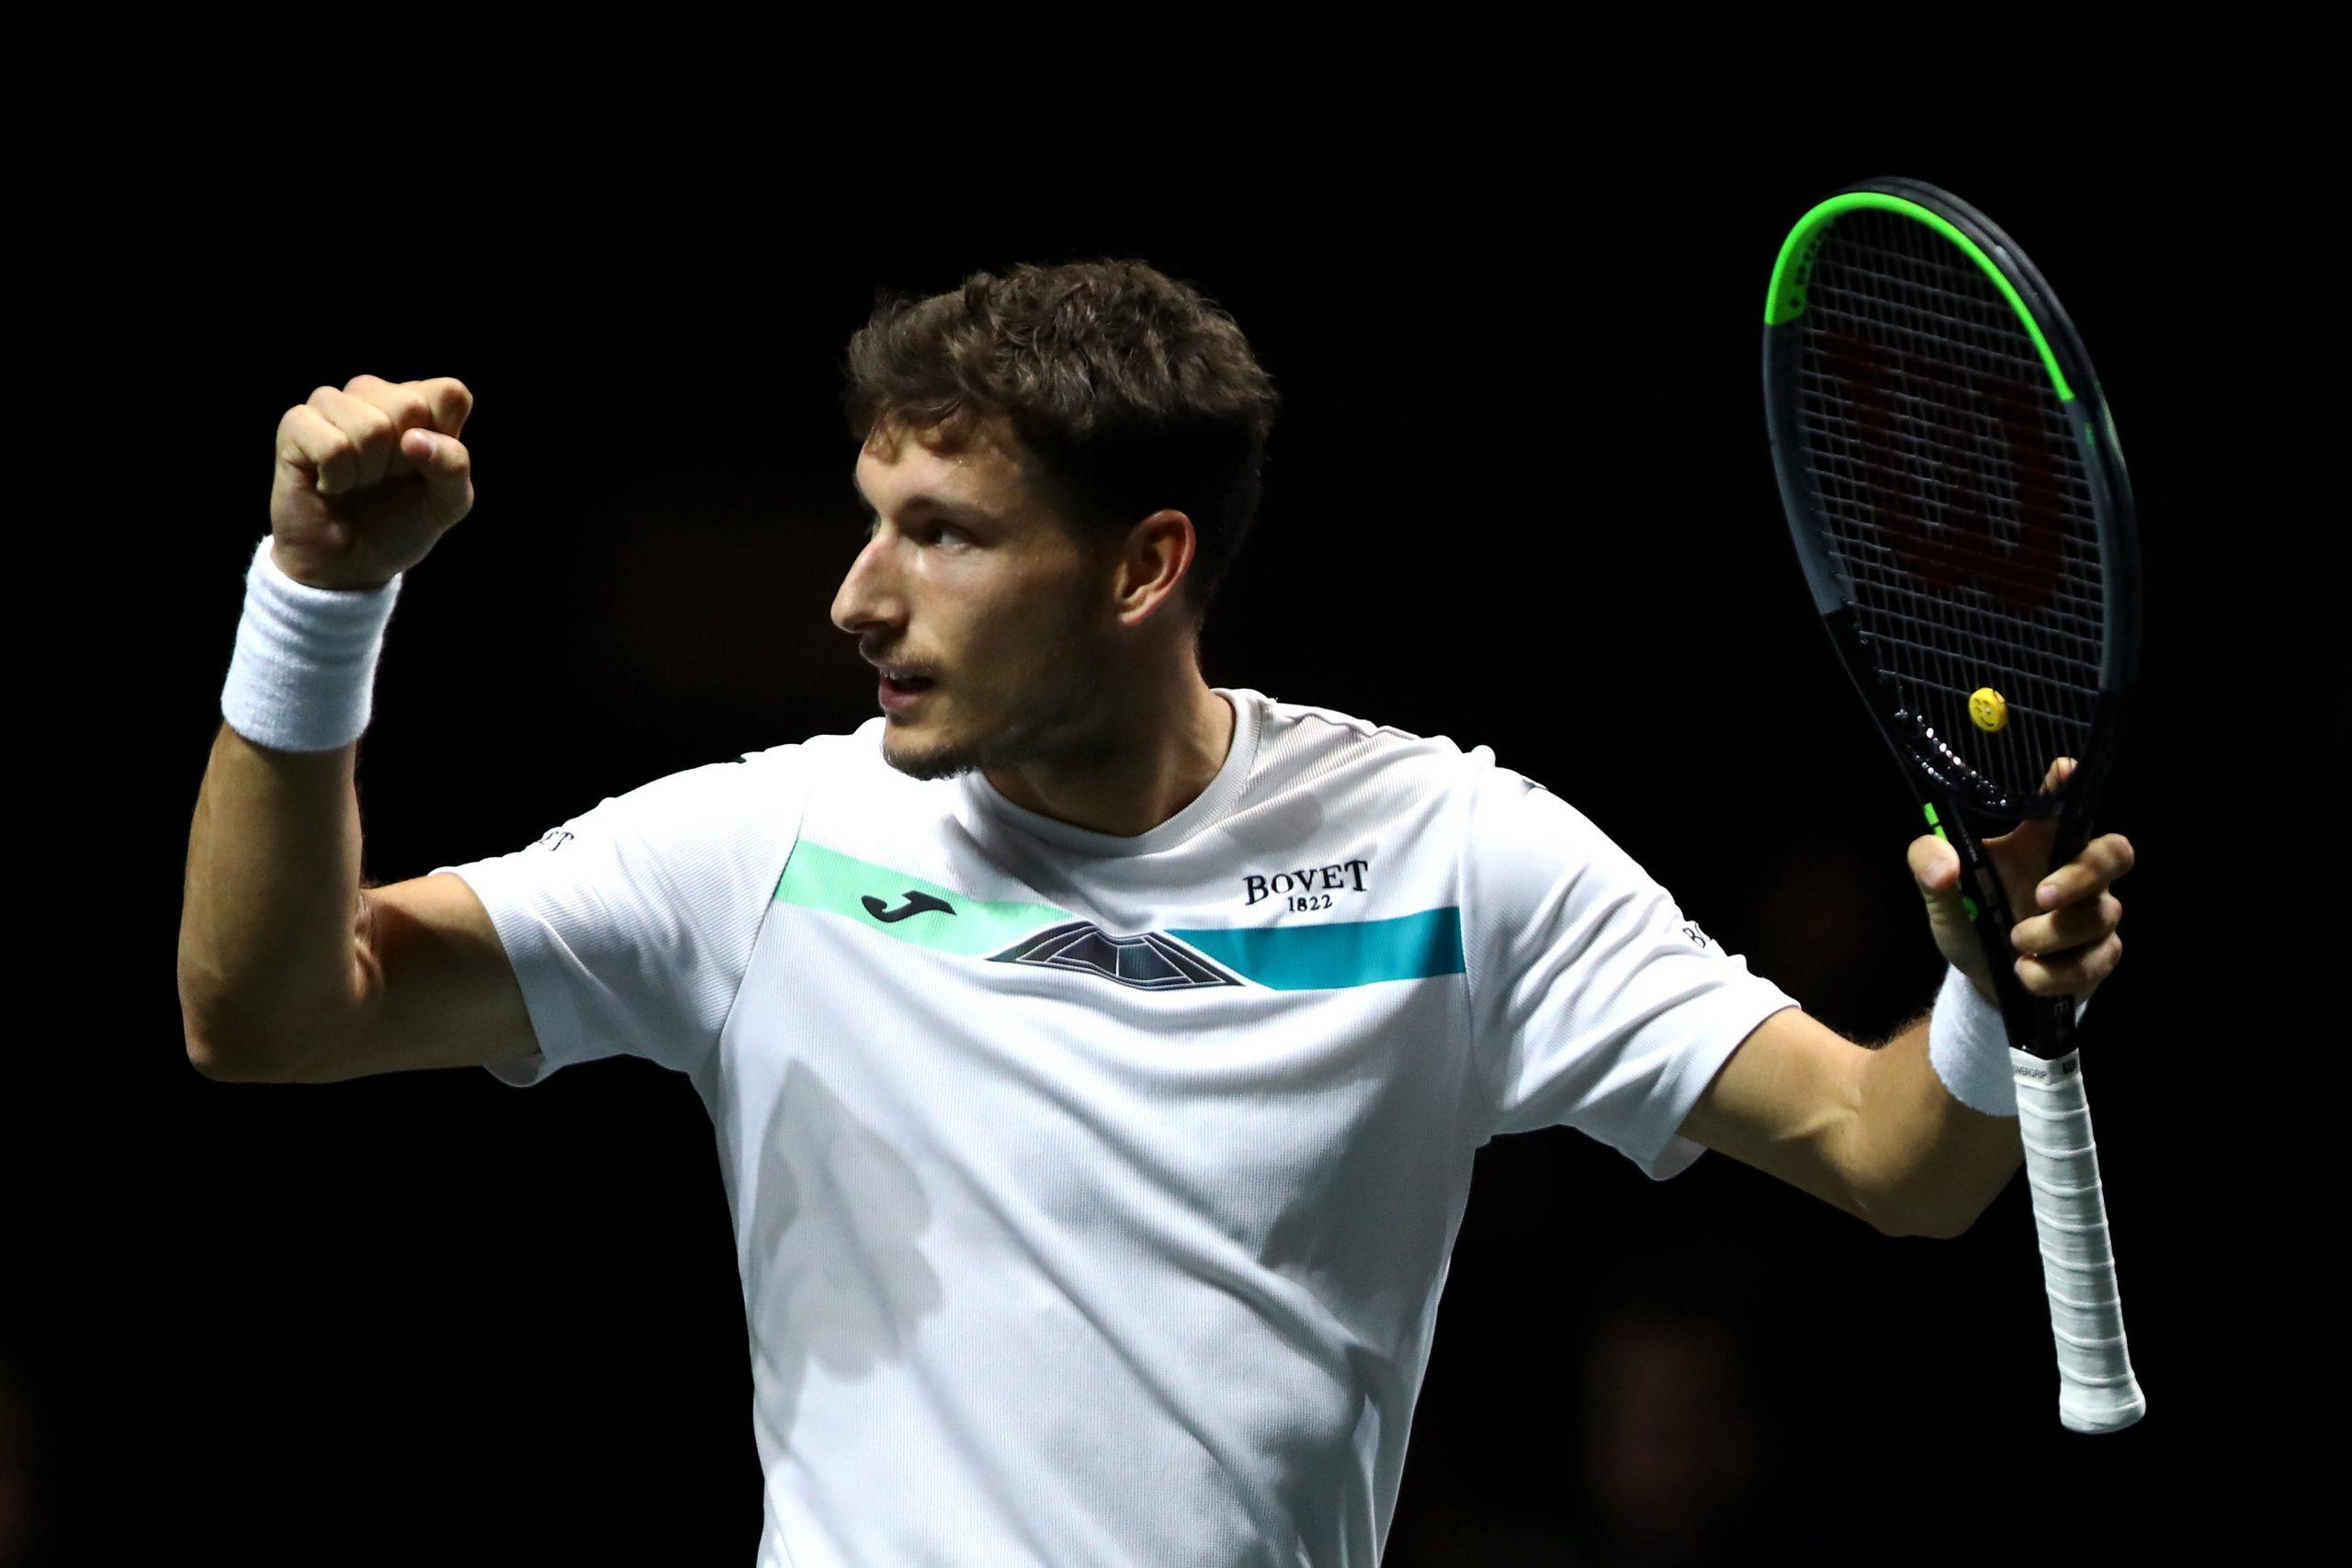 ATP-Ռոտերդամ․ Կարենյո-Բուստան ու Օժե-Ալյասիմը դուրս են եկել կիսաեզրափակիչ ու մրցելու են միմյանց դեմ